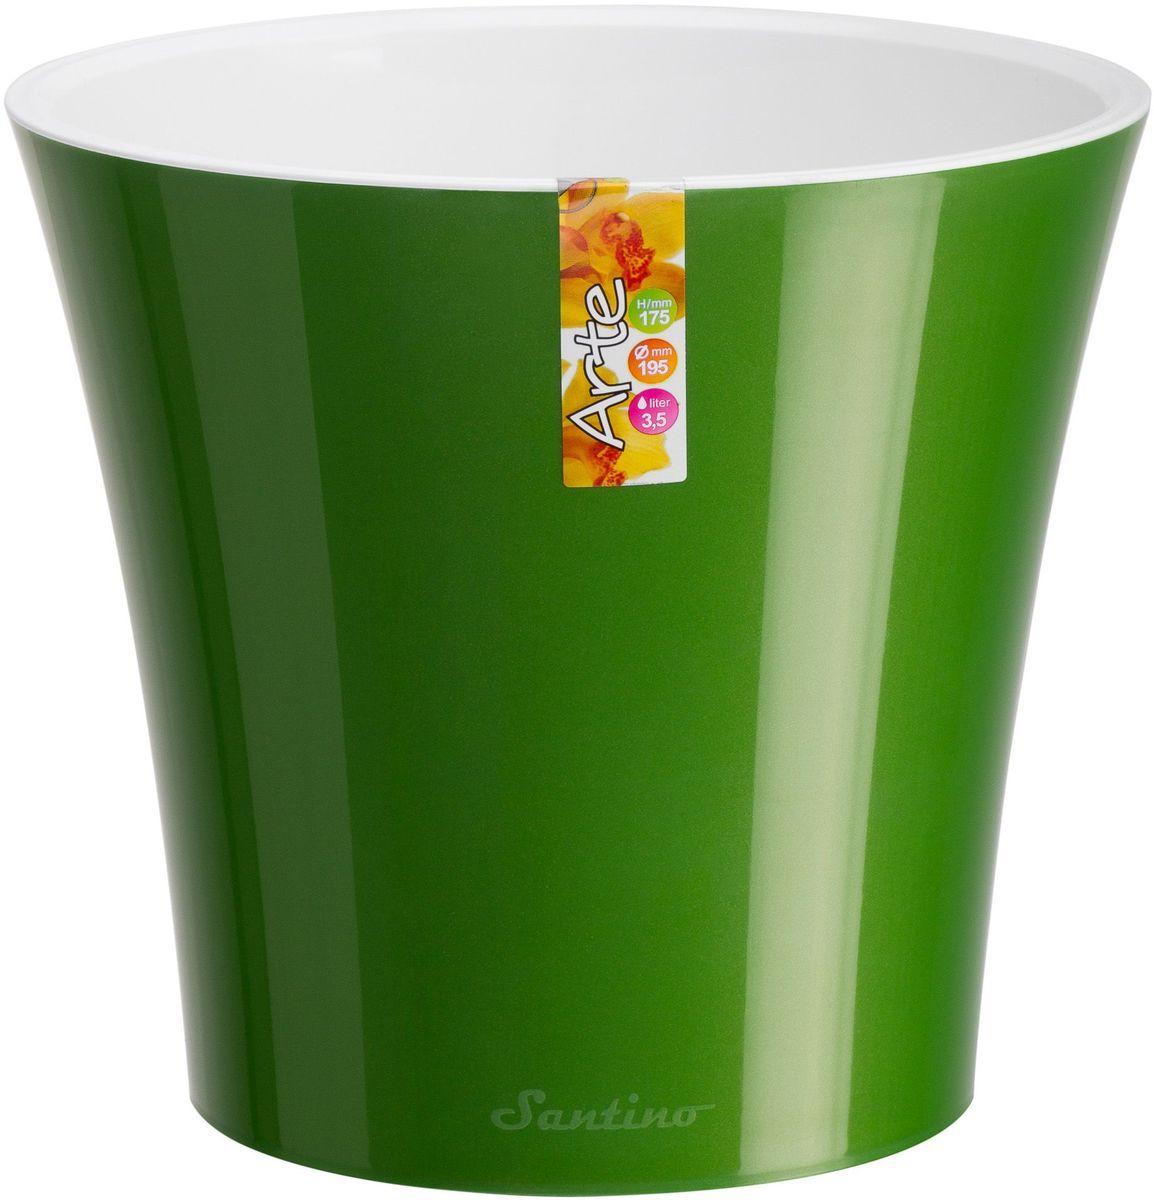 Горшок цветочный Santino Арте, двойной, с системой автополива, цвет: зеленое золото, белый, 3,5 лАРТ 3,5 ЗЗ-БЛюбой, даже самый современный и продуманный интерьер будет незавершенным без растений. Они не только очищают воздух и насыщают его кислородом, но и украшают окружающее пространство. Такому полезному члену семьи просто необходим красивый и функциональный дом! Оптимальный выбор материала — пластмасса! Почему мы так считаем? Малый вес. С легкостью переносите горшки и кашпо с места на место, ставьте их на столики или полки, не беспокоясь о нагрузке. Простота ухода. Кашпо не нуждается в специальных условиях хранения. Его легко чистить — достаточно просто сполоснуть теплой водой. Никаких потертостей. Такие кашпо не царапают и не загрязняют поверхности, на которых стоят. Пластик дольше хранит влагу, а значит, растение реже нуждается в поливе. Пластмасса не пропускает воздух — корневой системе растения не грозят резкие перепады температур. Огромный выбор форм, декора и расцветок — вы без труда найдете что-то, что идеально впишется в уже существующий интерьер. Соблюдая нехитрые правила ухода, вы можете заметно продлить срок службы горшков и кашпо из пластика: всегда учитывайте размер кроны и корневой системы (при разрастании большое растение способно повредить маленький горшок) берегите изделие от воздействия прямых солнечных лучей, чтобы горшки не выцветали держите кашпо из пластика подальше от нагревающихся поверхностей. Создавайте прекрасные цветочные композиции, выращивайте рассаду или необычные растения.